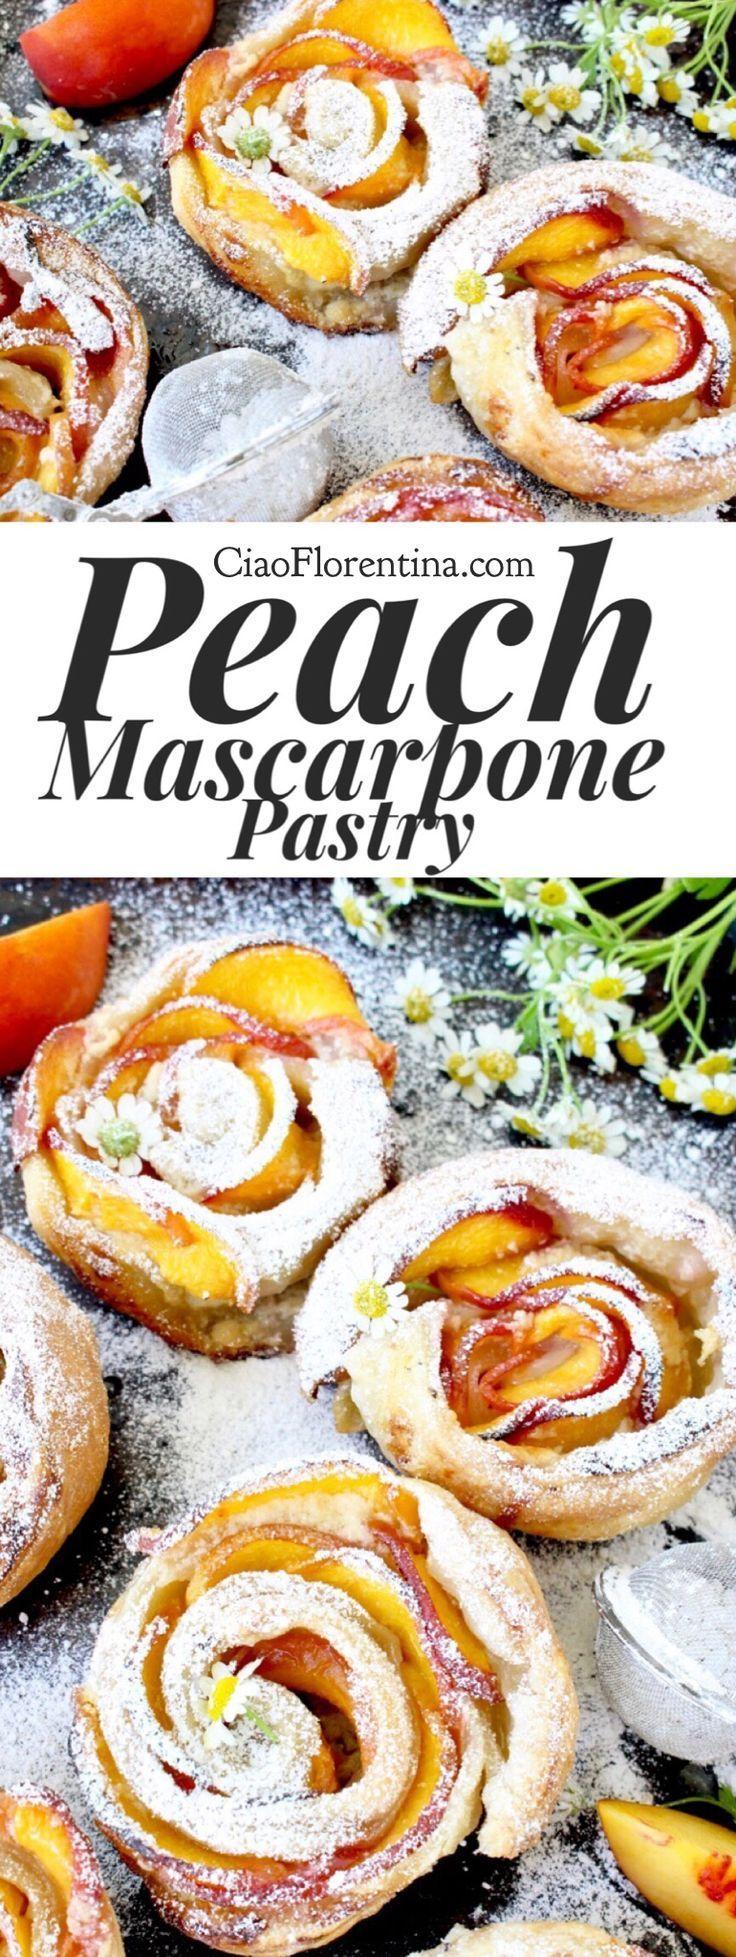 Fresh Peach Mascarpone Puff Pastry Dessert Recipe | http://CiaoFlorentina.com @CiaoFlorentina